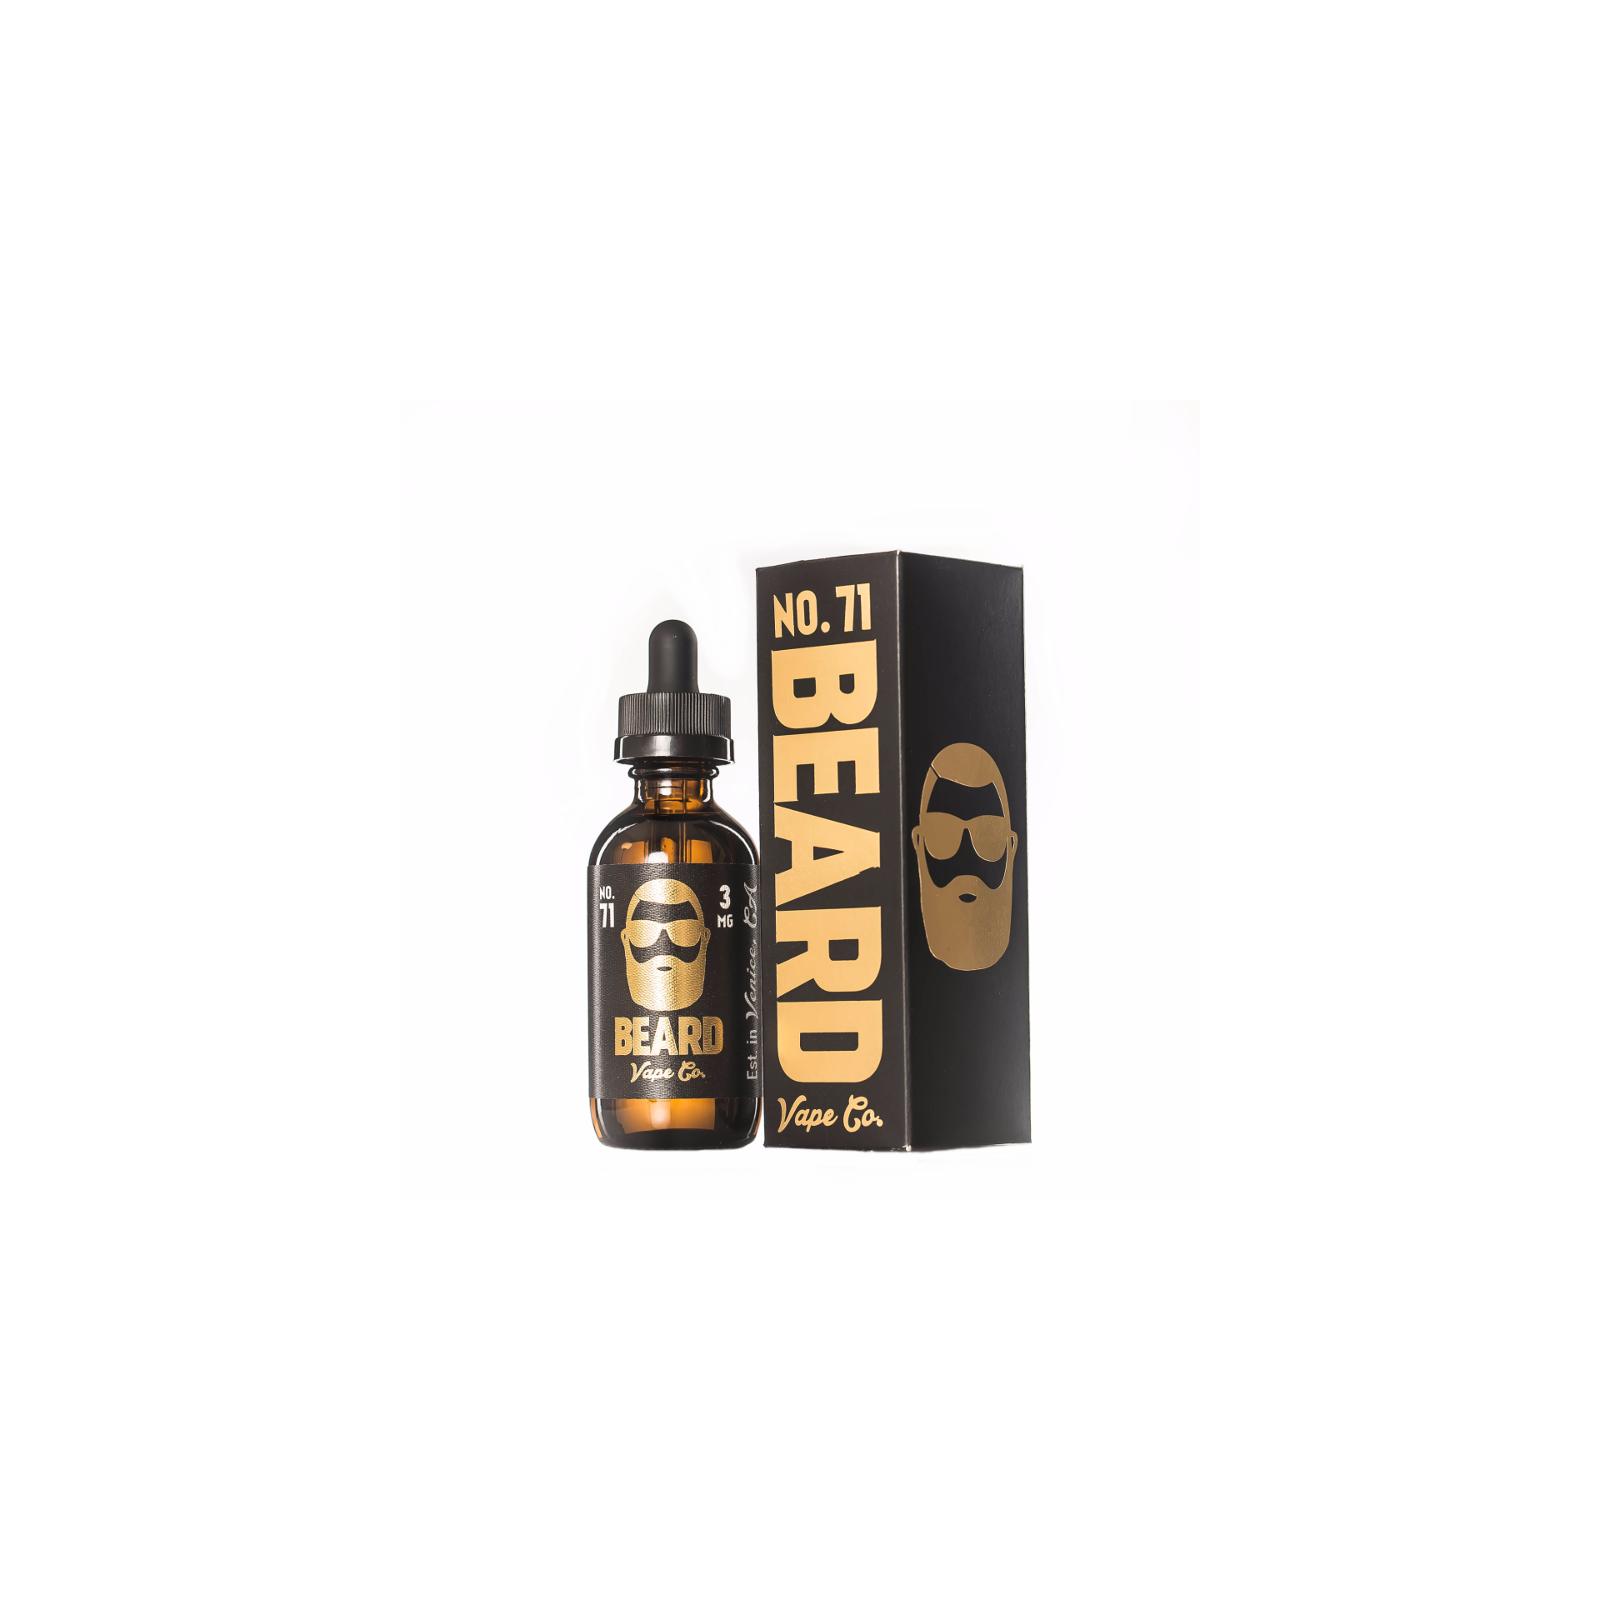 Beard X Series no 00 50ml